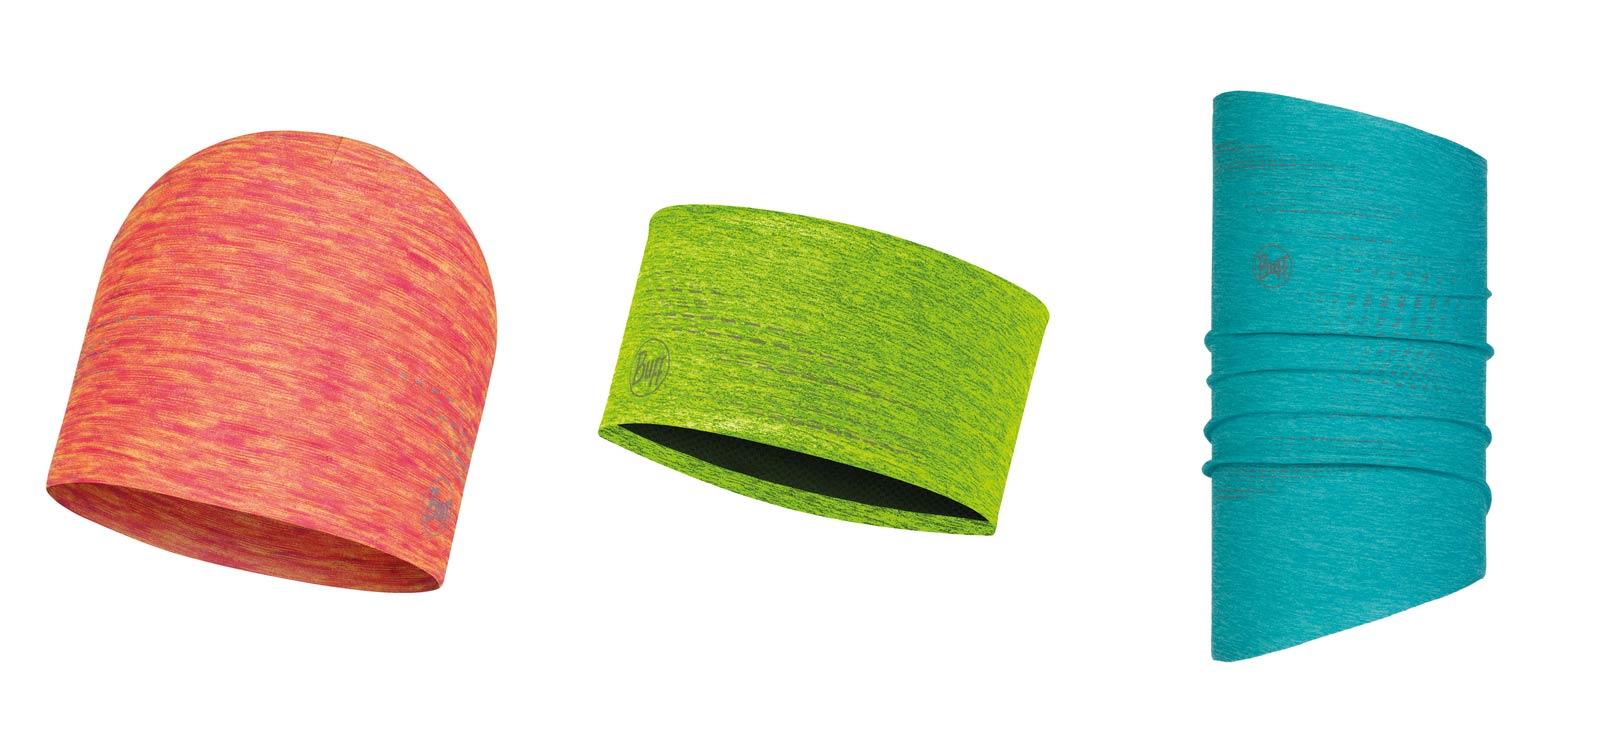 BUFF 18/19 Produkte aus DRYFLX: Hat, Headband und Neckwarmer